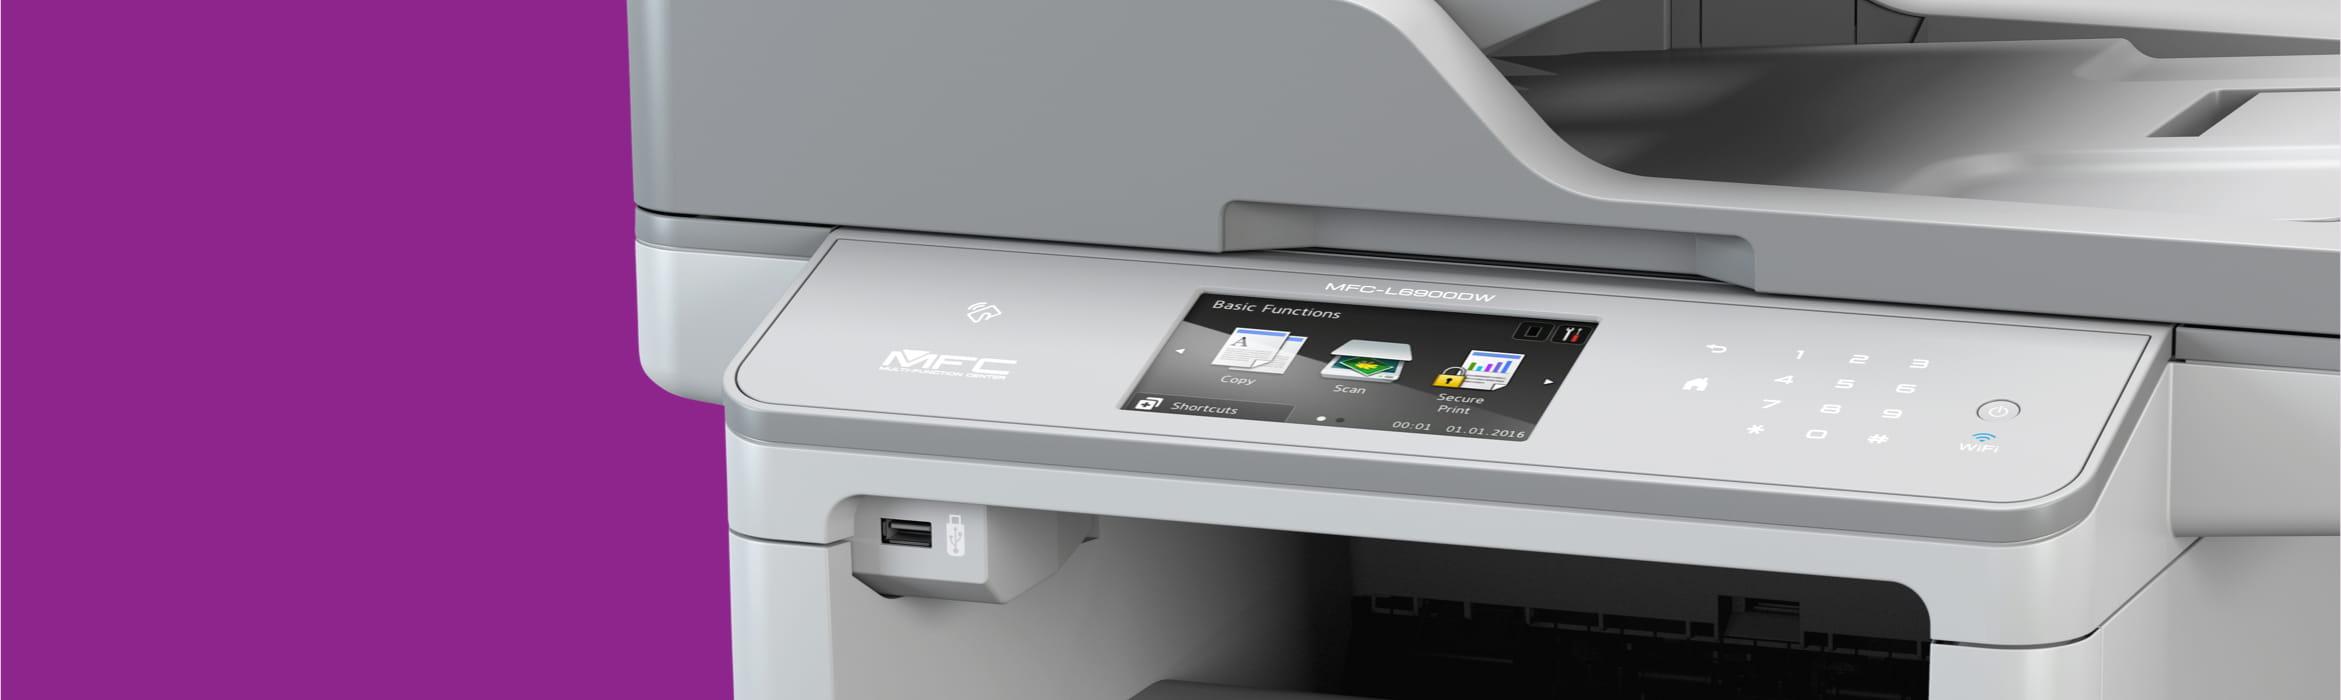 mono laser printer on a purple backdrop